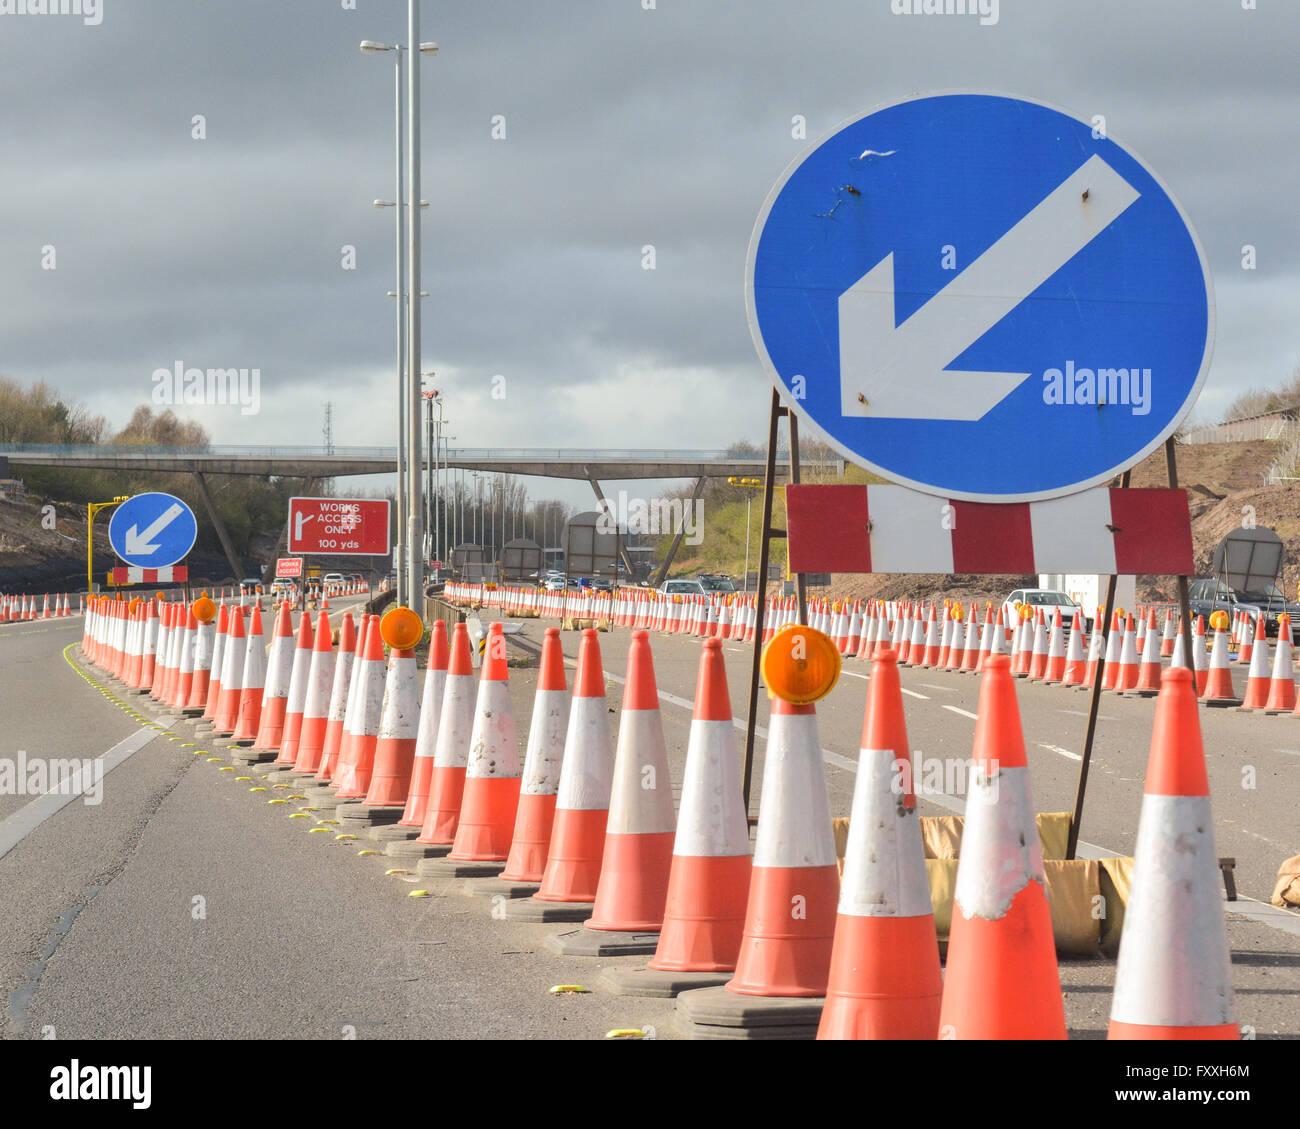 Baustellen-Kegel Verkehrsschilder für Restrictions System auf britische Autobahn Stockbild